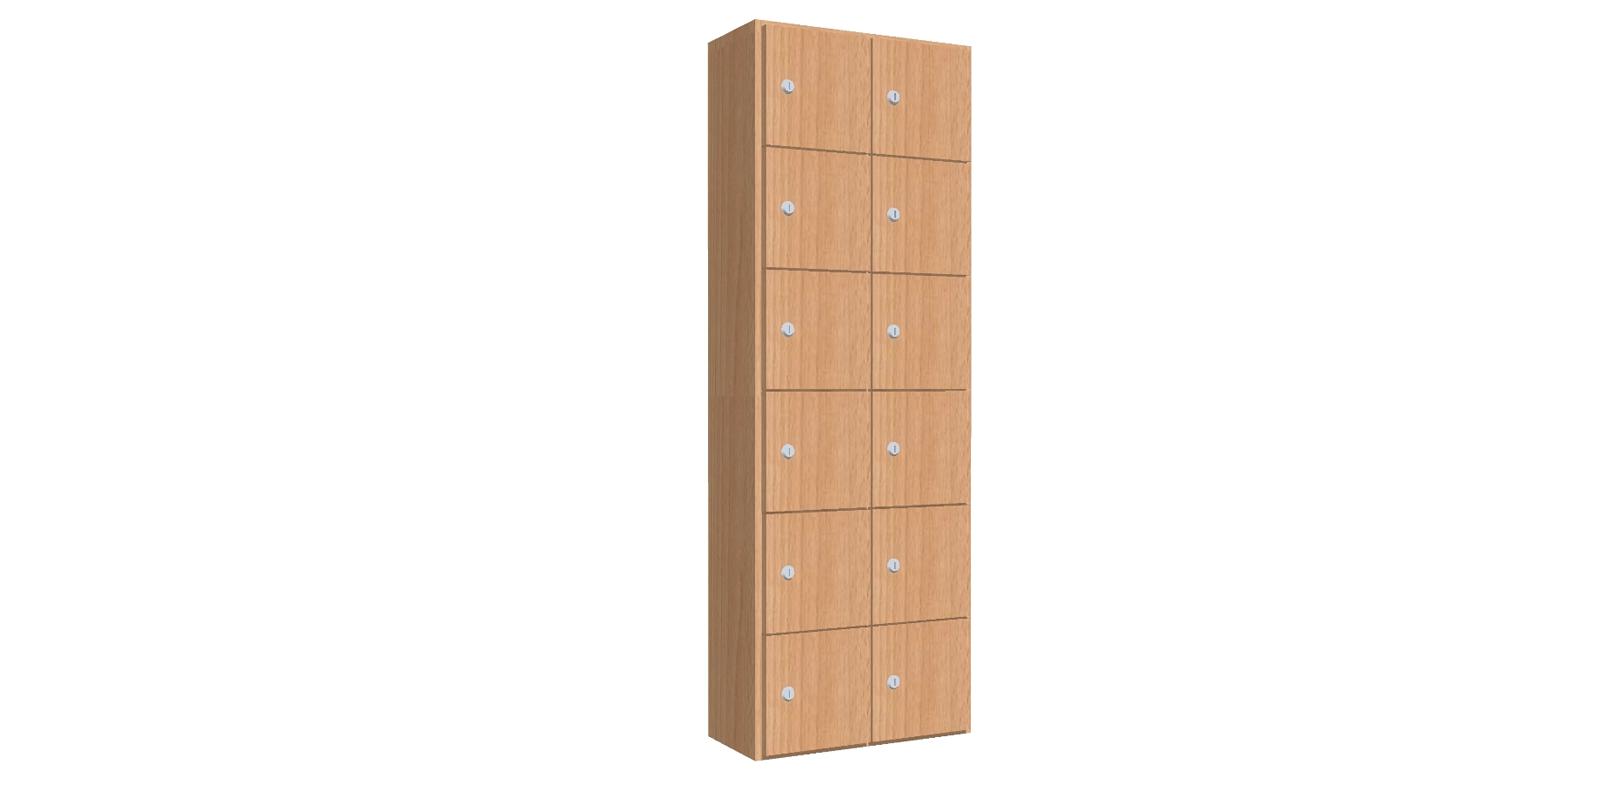 Lockerkast voorzien van 12 mini lockers - WHML01